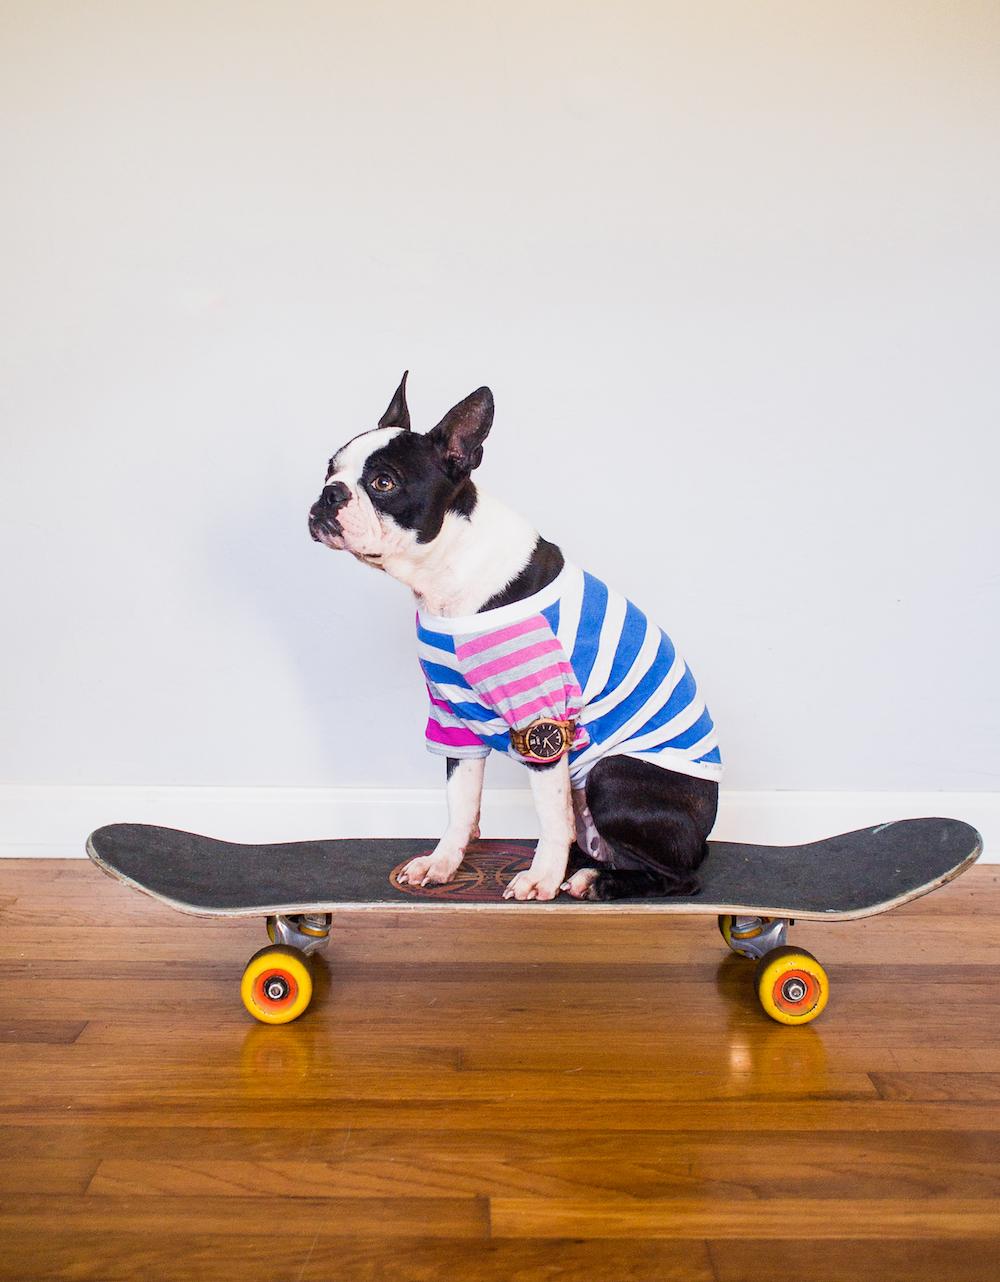 Boston Terrier Puppy on a Skateboard Wearing a JORD Watch